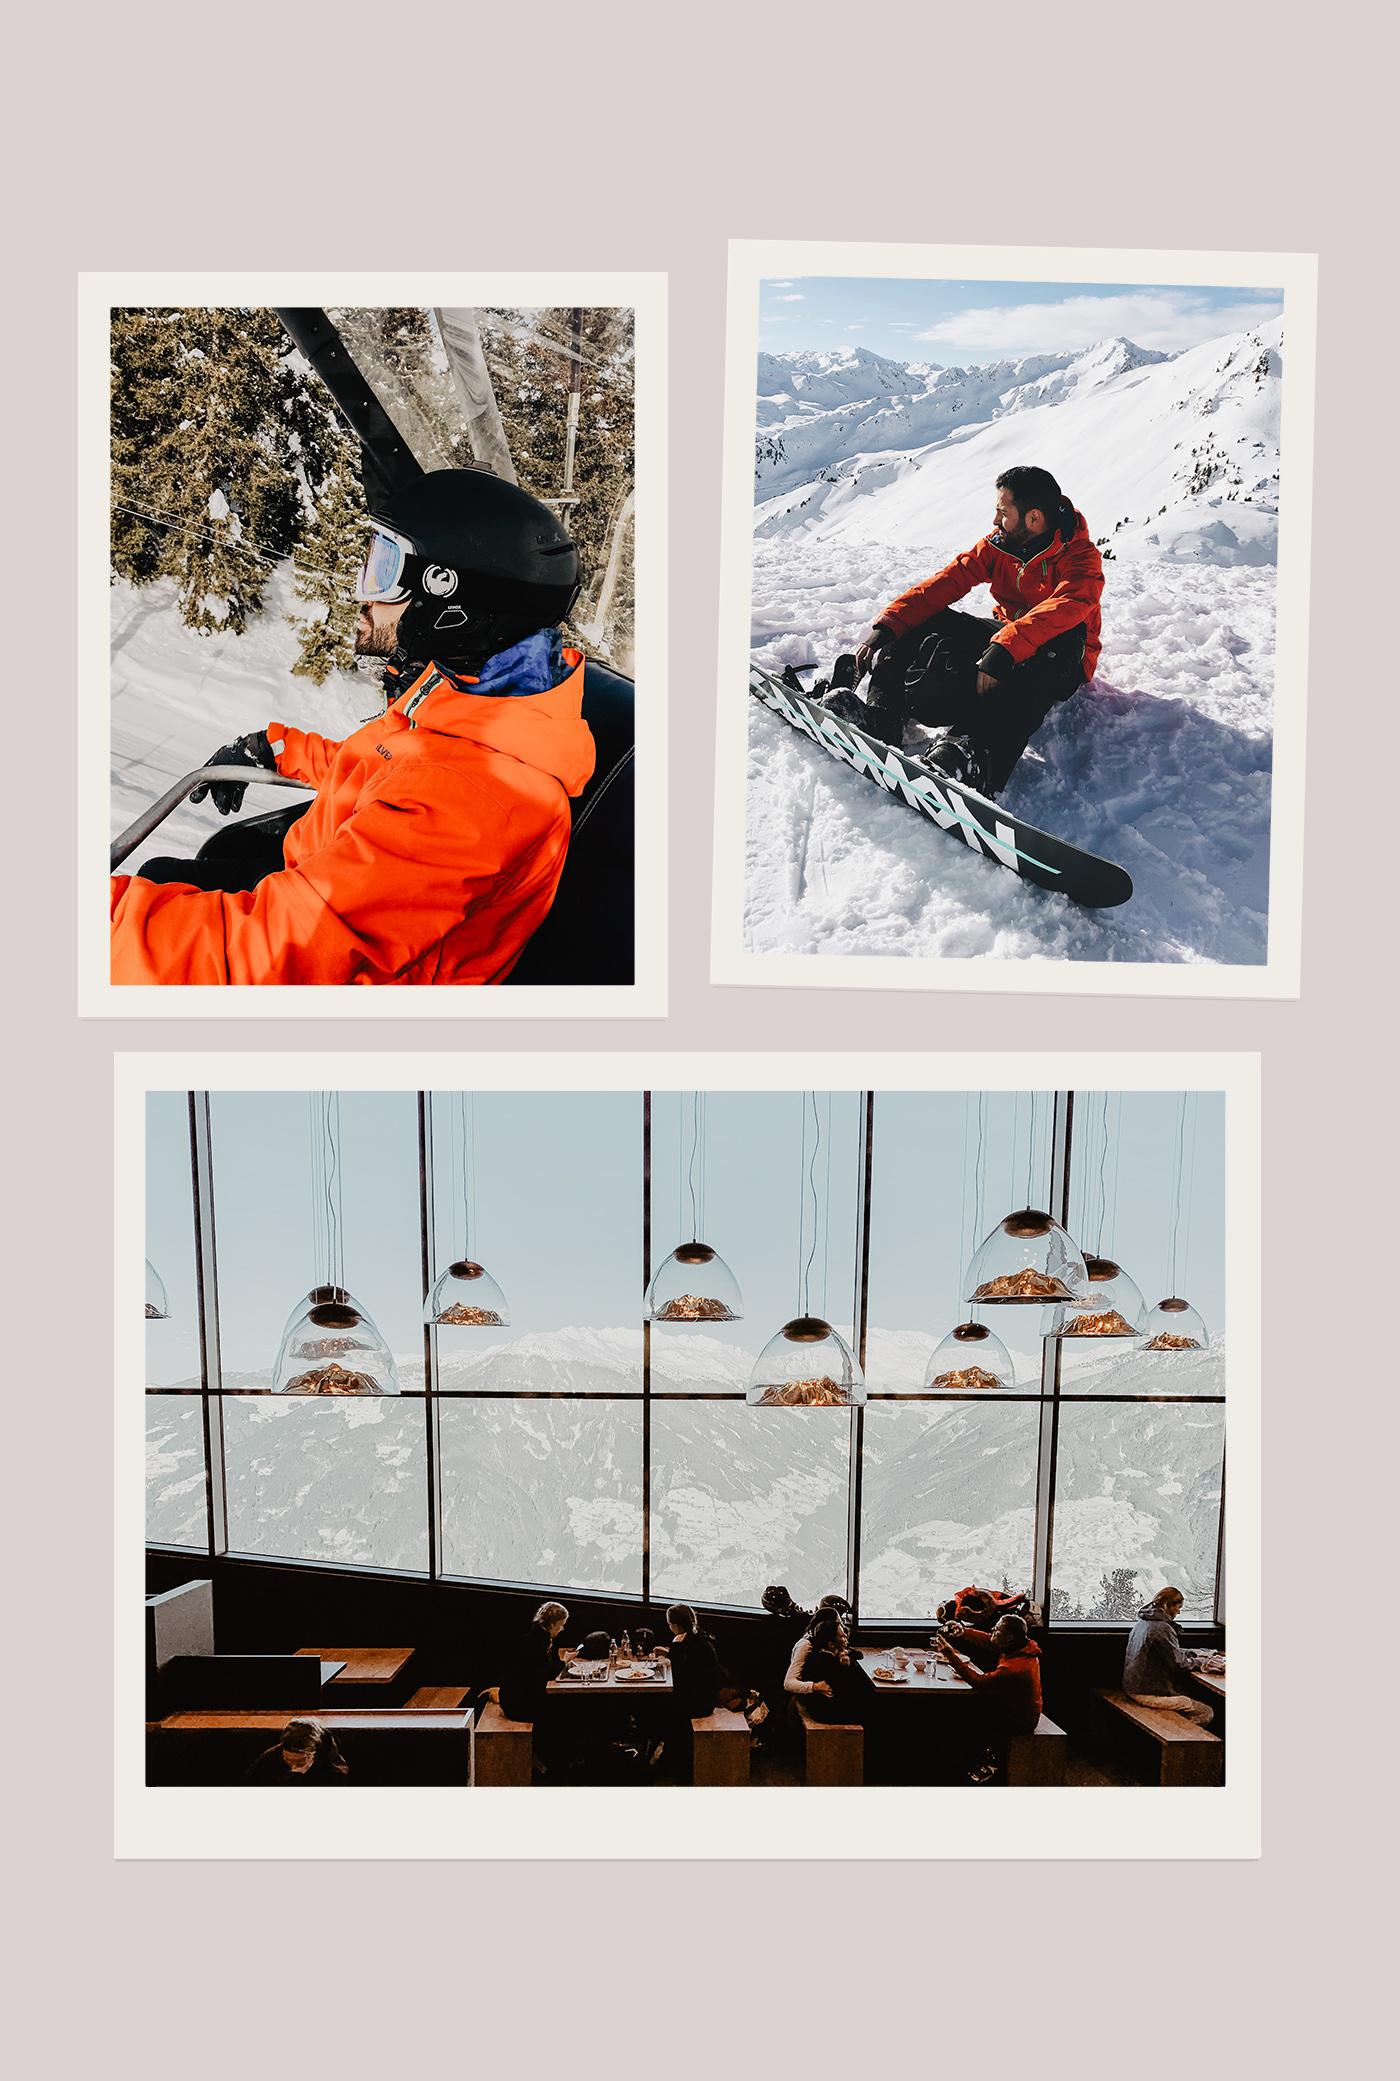 zillertal österreich skigebiet piste schnee